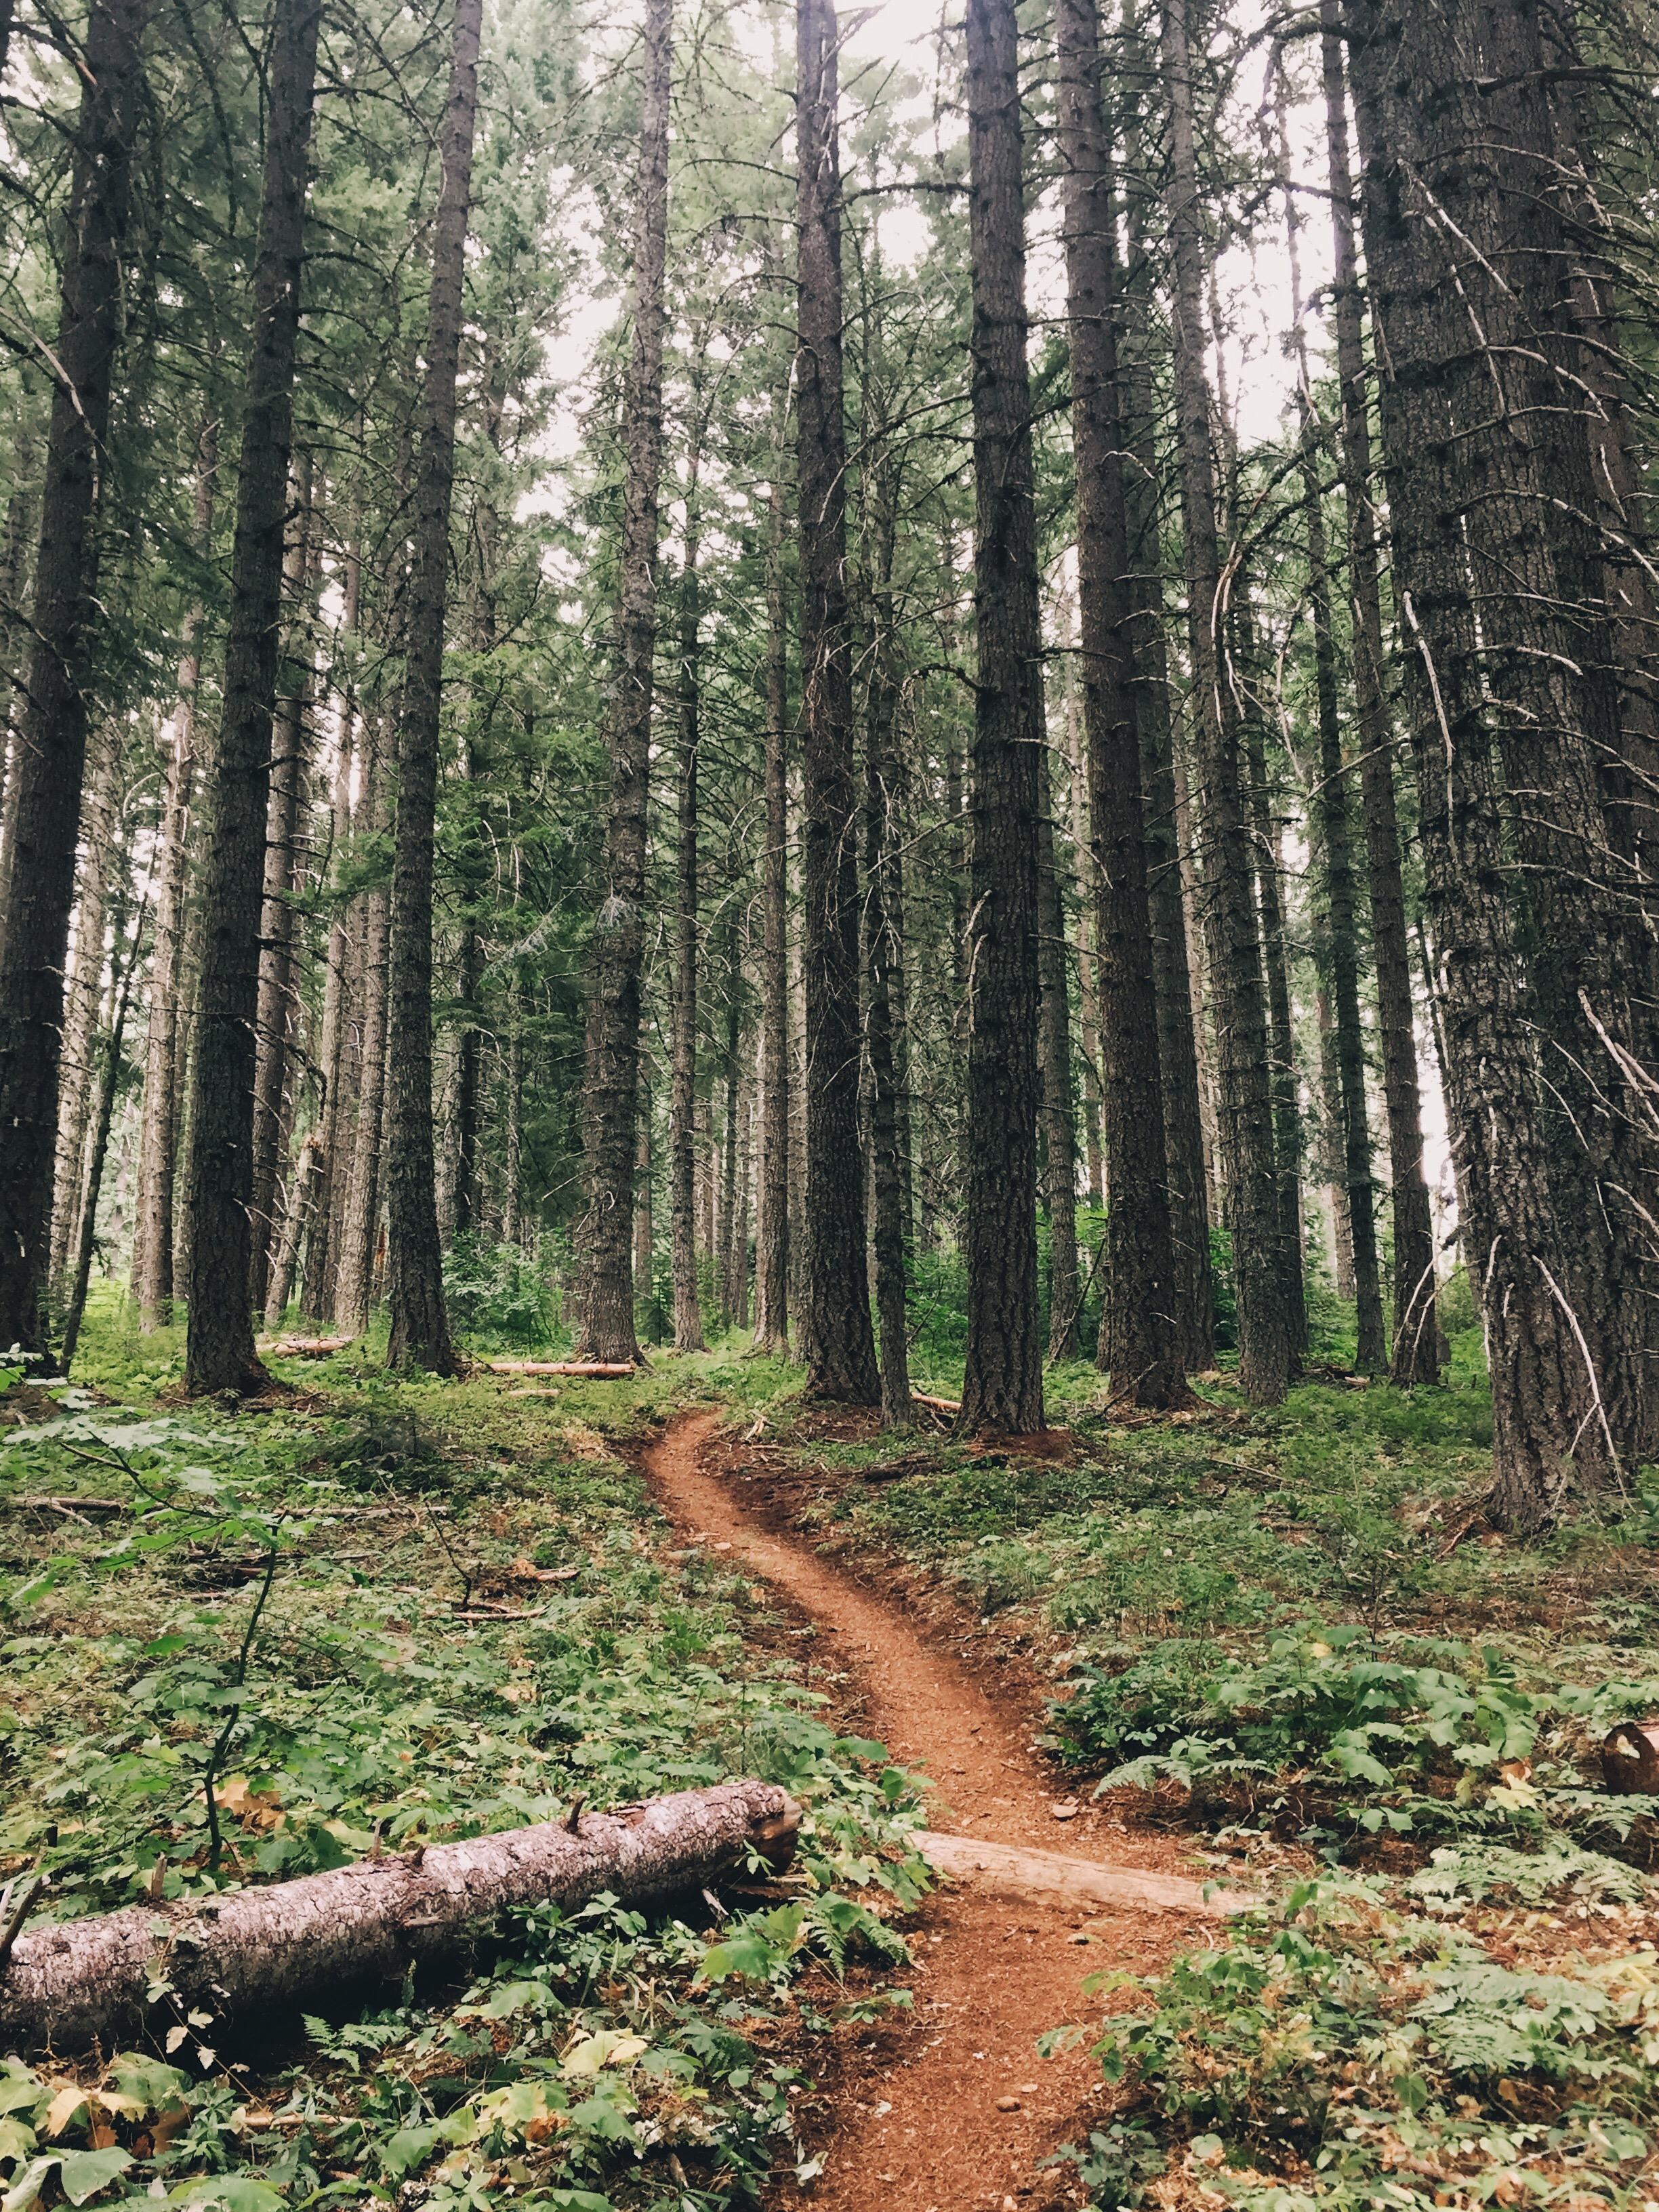 Deep dense forest